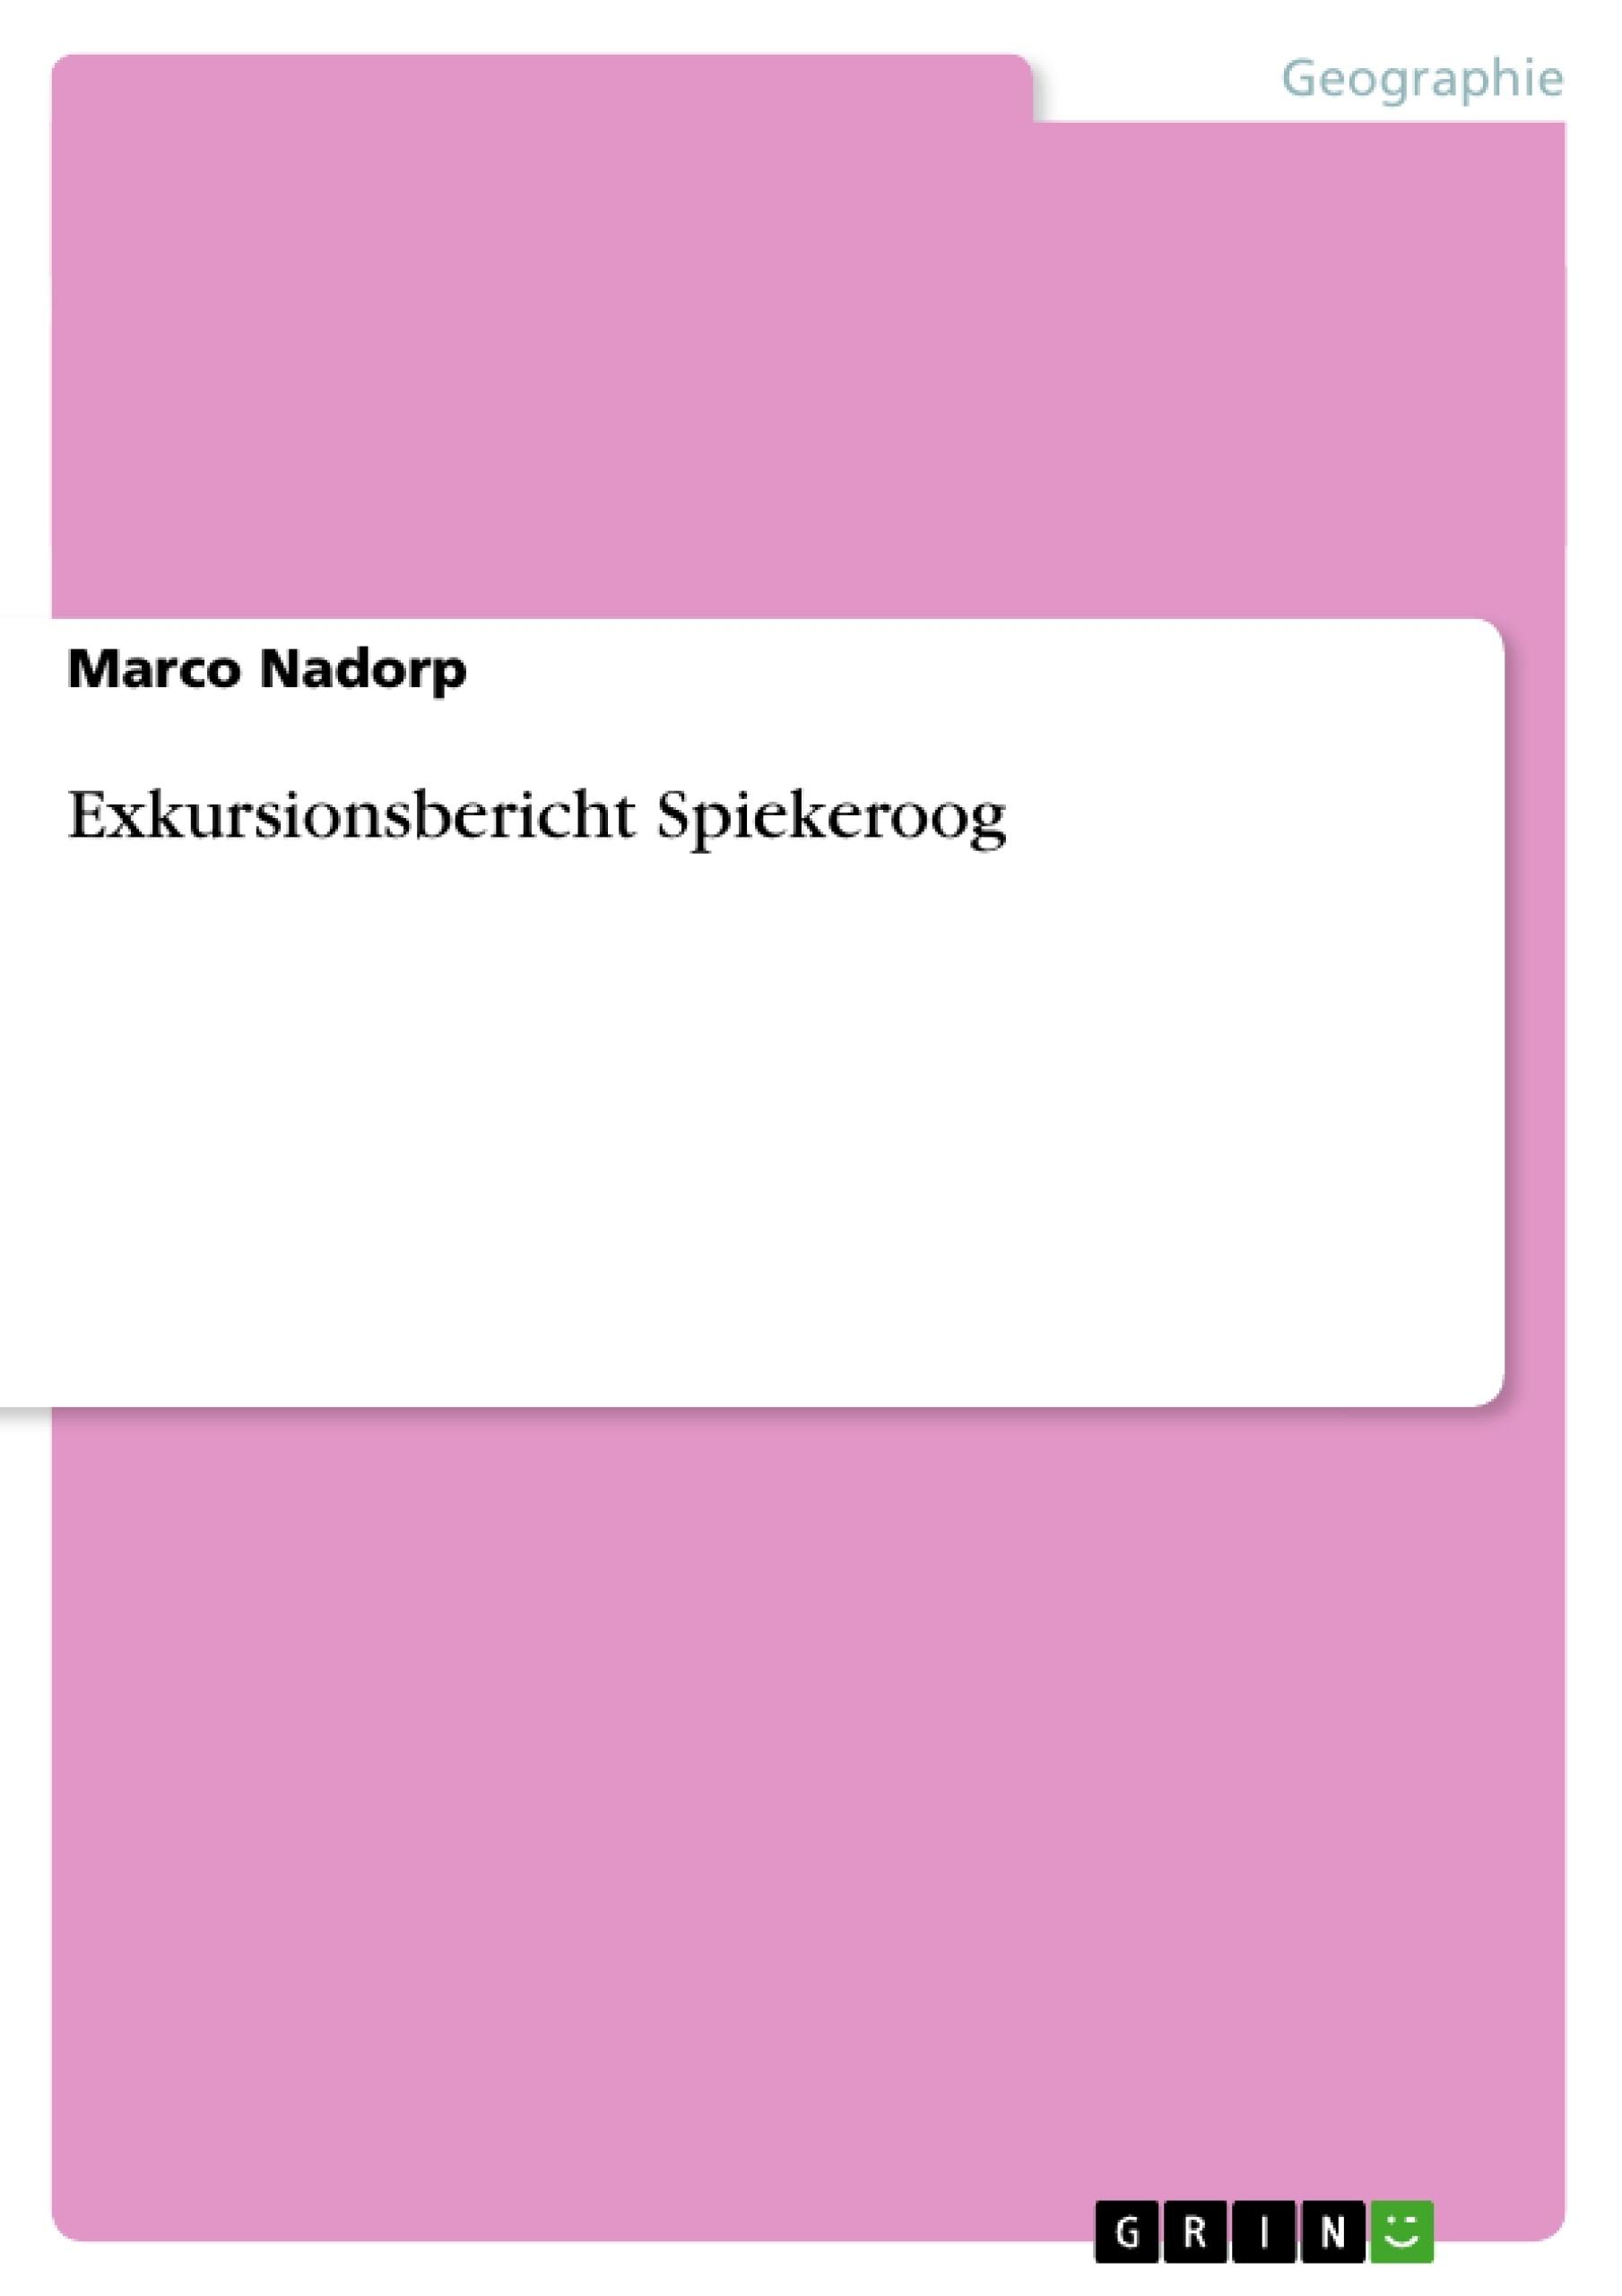 Titel: Exkursionsbericht Spiekeroog